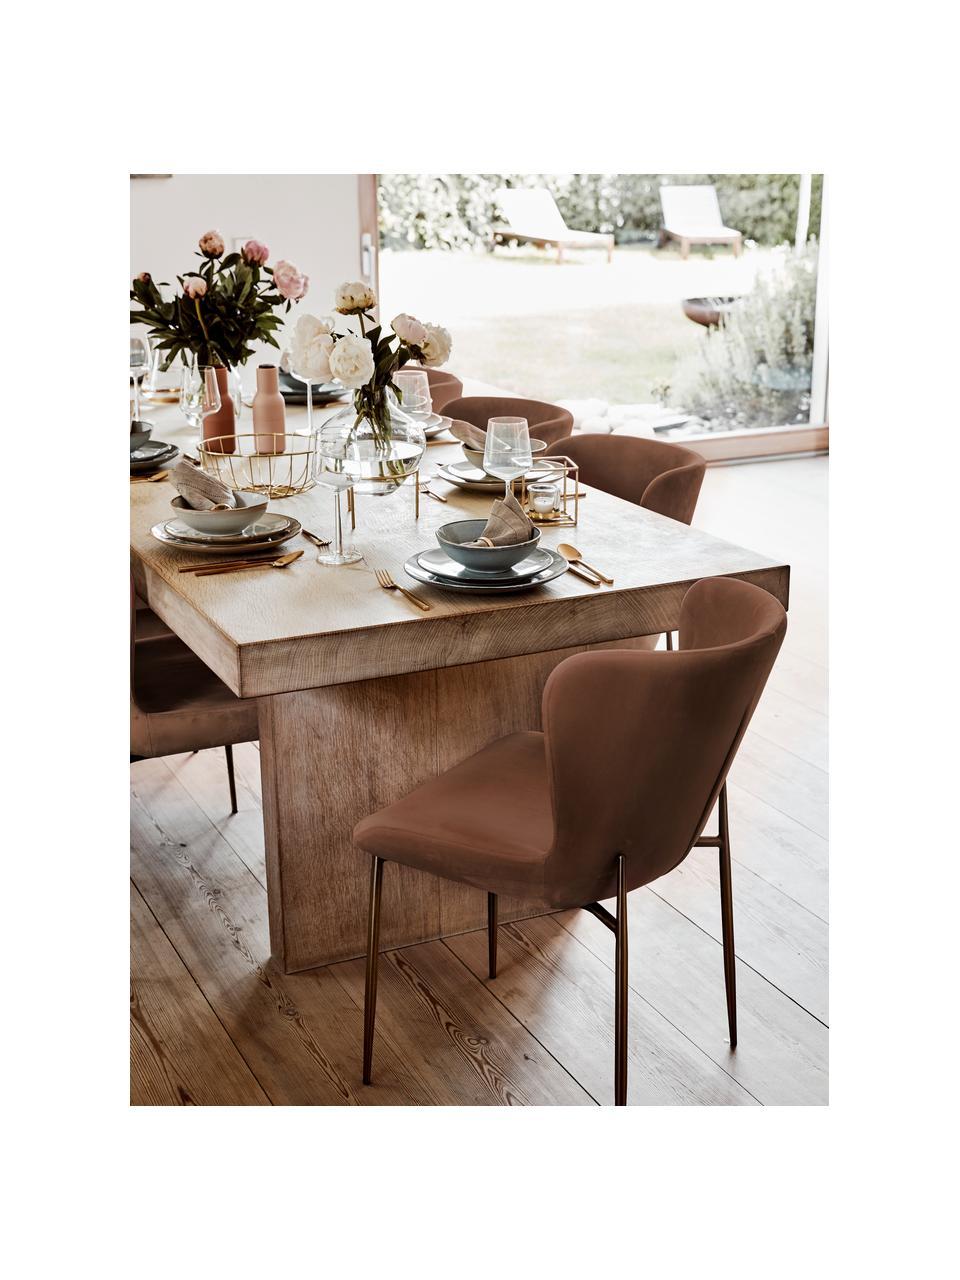 Krzesło tapicerowane z aksamitu Tess, Tapicerka: aksamit (poliester) Dzięk, Nogi: metal malowany proszkowo, Aksamitny brązowy, złoty, S 49 x W 84 cm